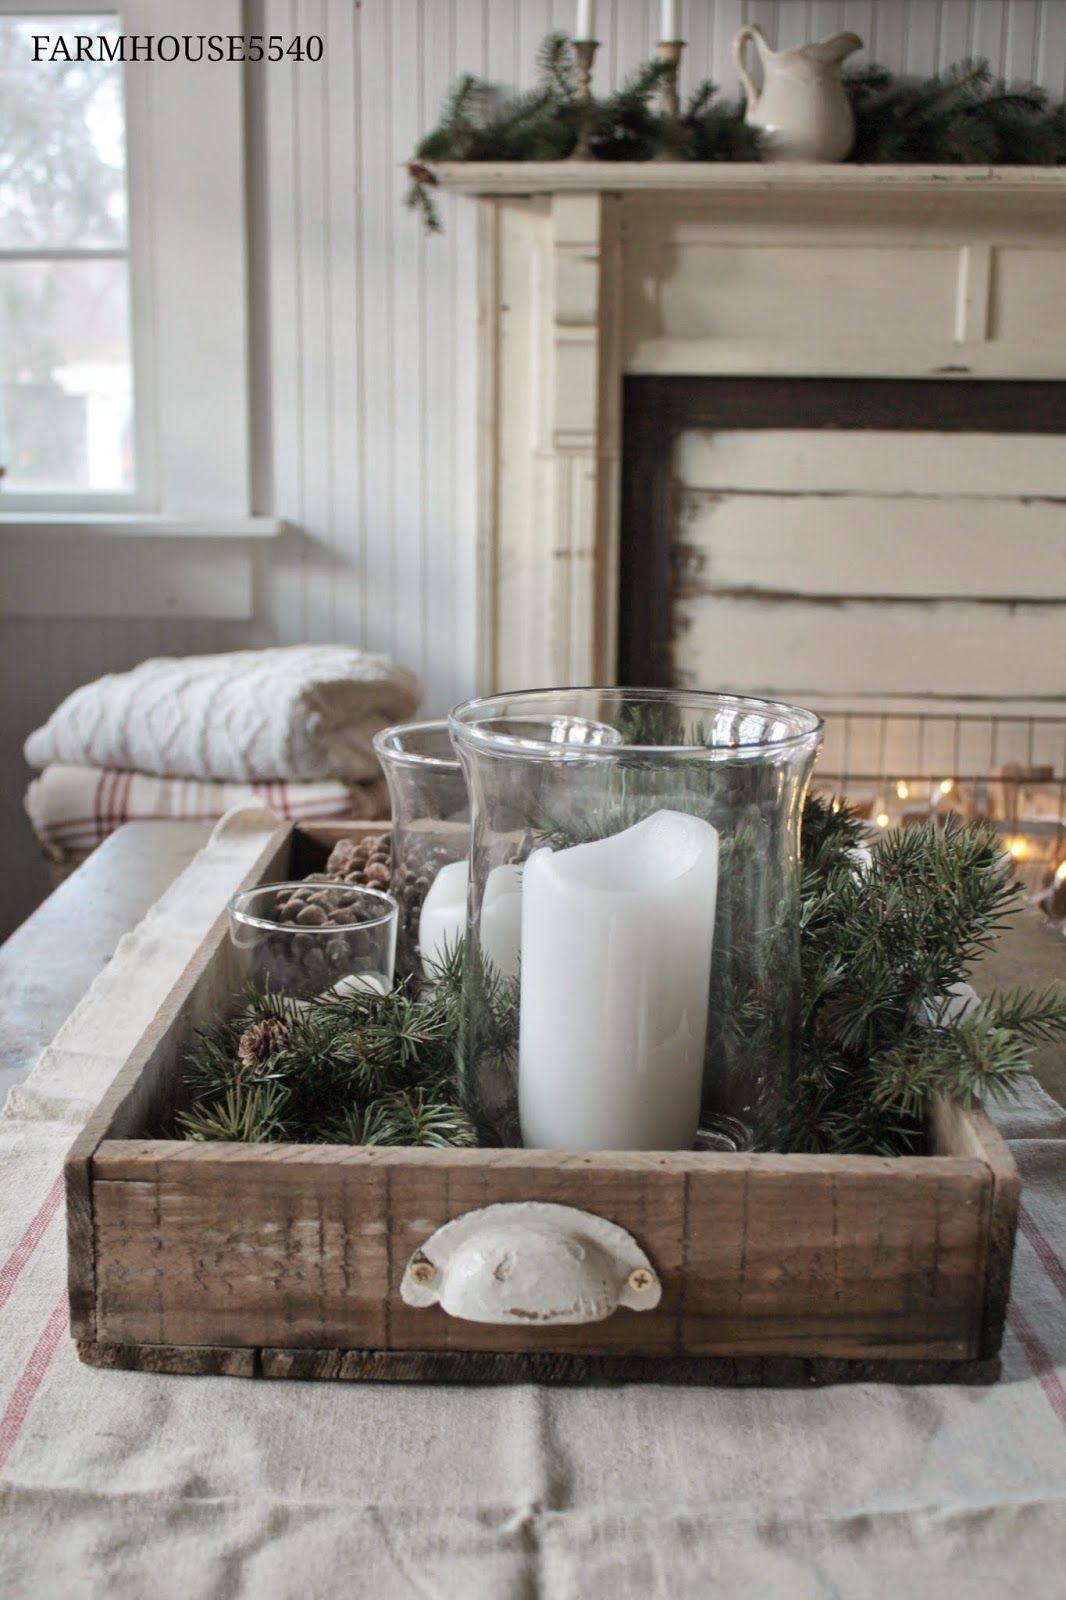 Farmhouse 5540 Christmas Decorating Sneak Peak Country Christmas Decorations Christmas Table Centerpieces Farmhouse Christmas Decor